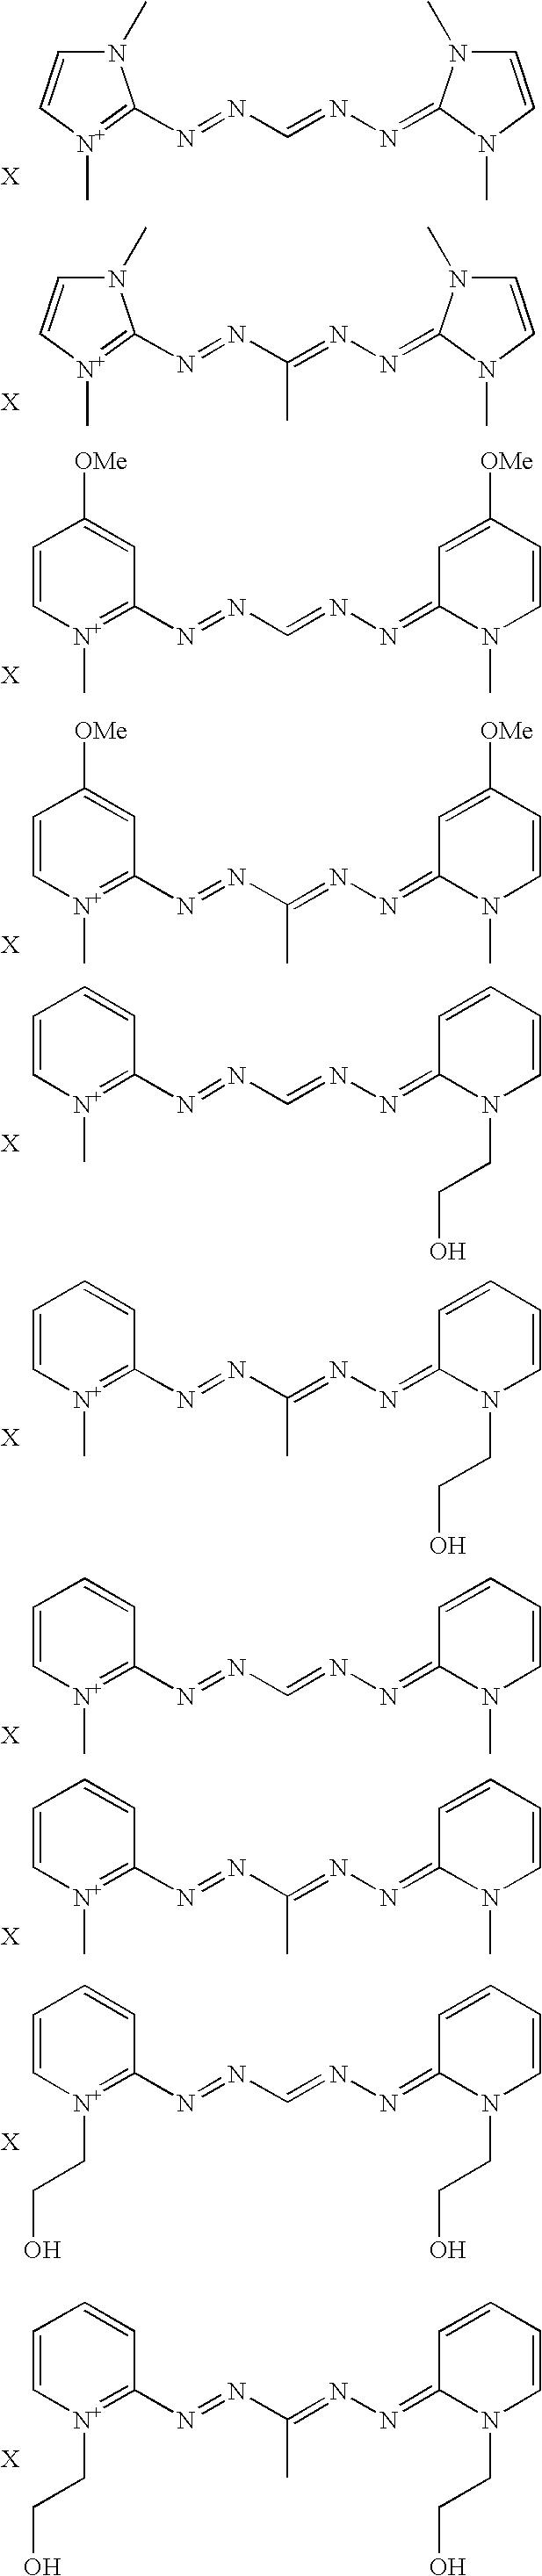 Figure US07947089-20110524-C00015